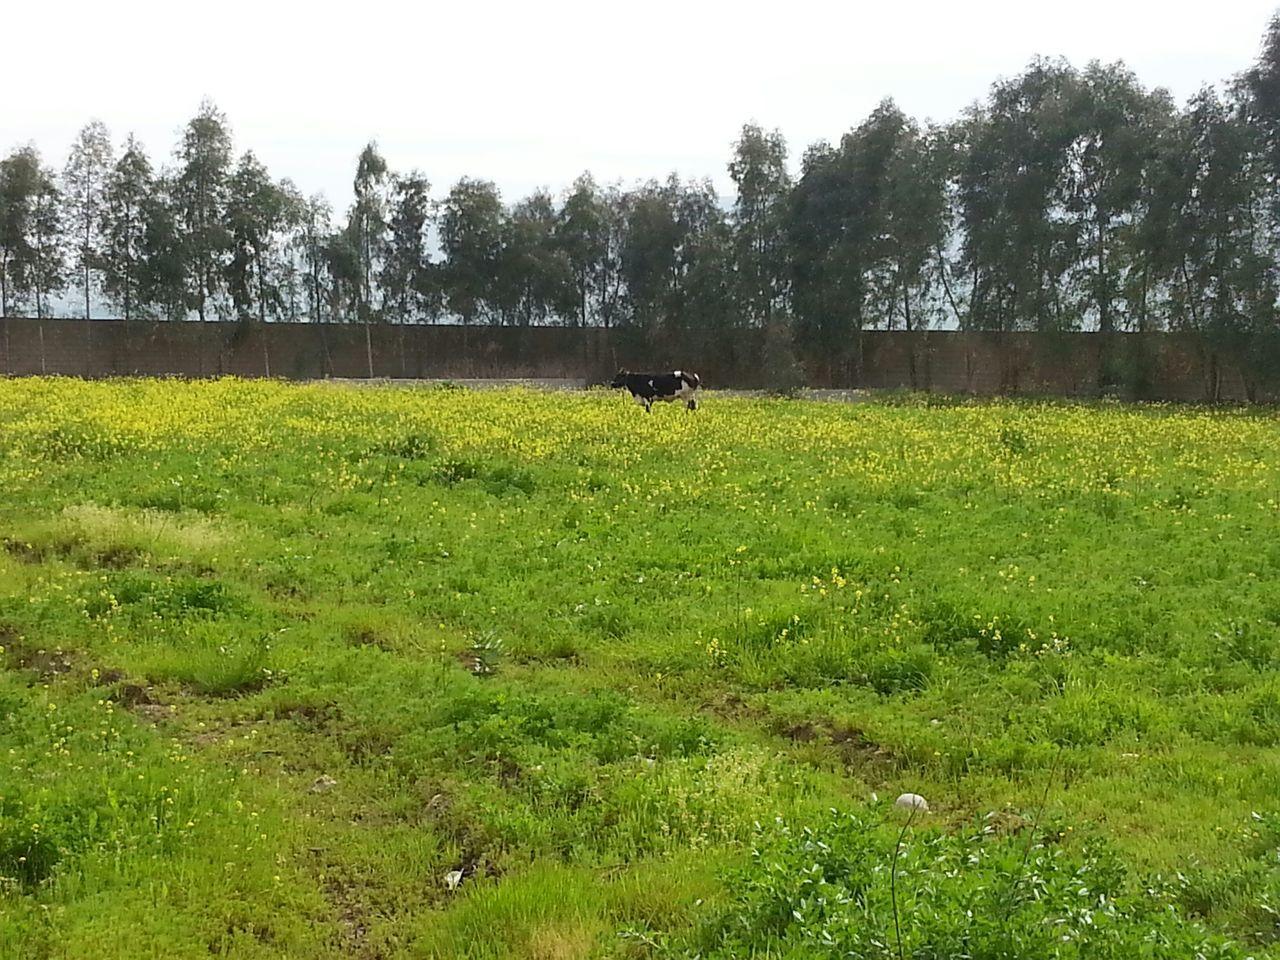 Kalakchi Check This Out Hi! Taking Photos Enjoying Life Animlas EyeEm Nature Lover Great